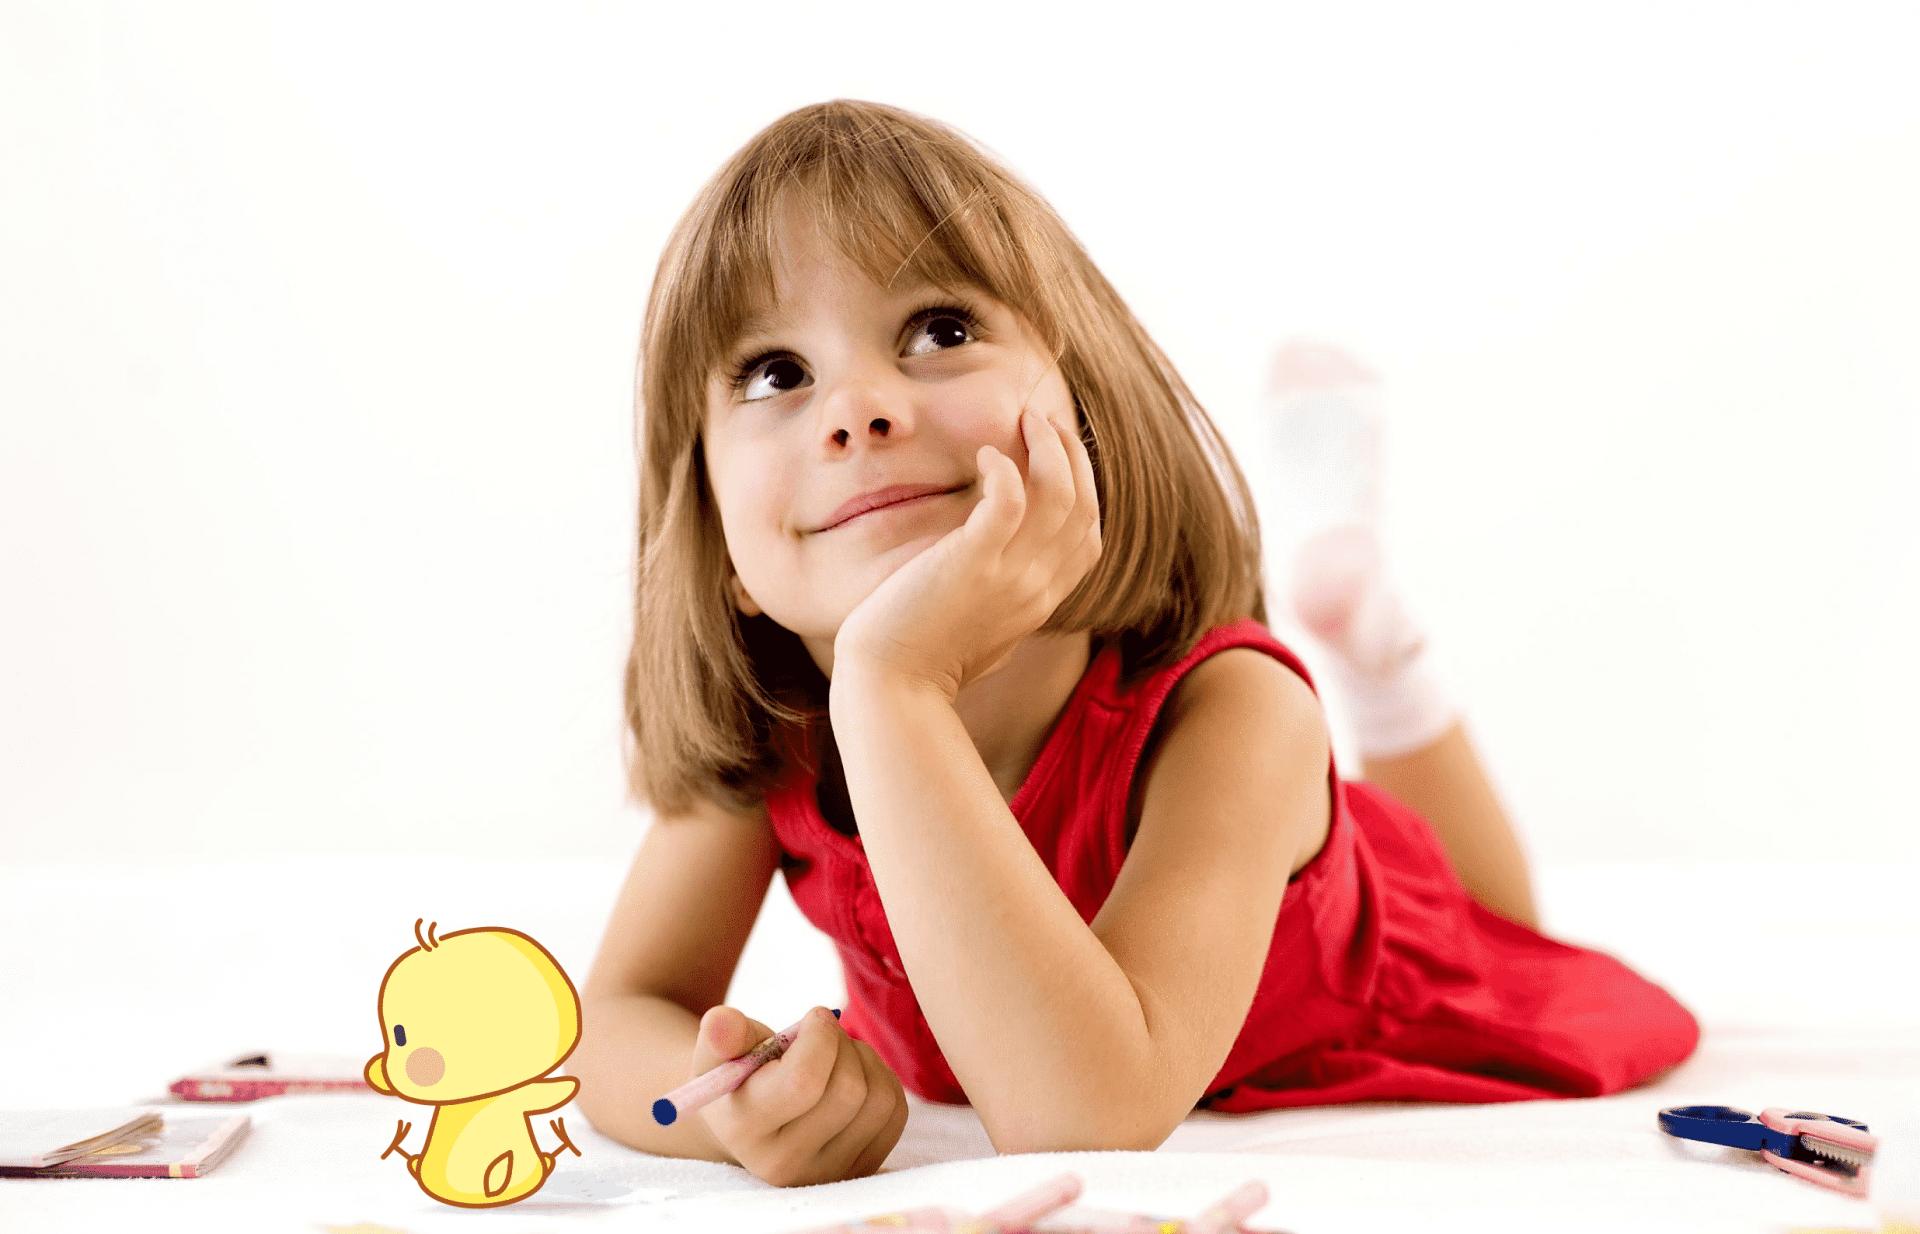 criança-TDAH-trnastorno-atenção-hiperatividade